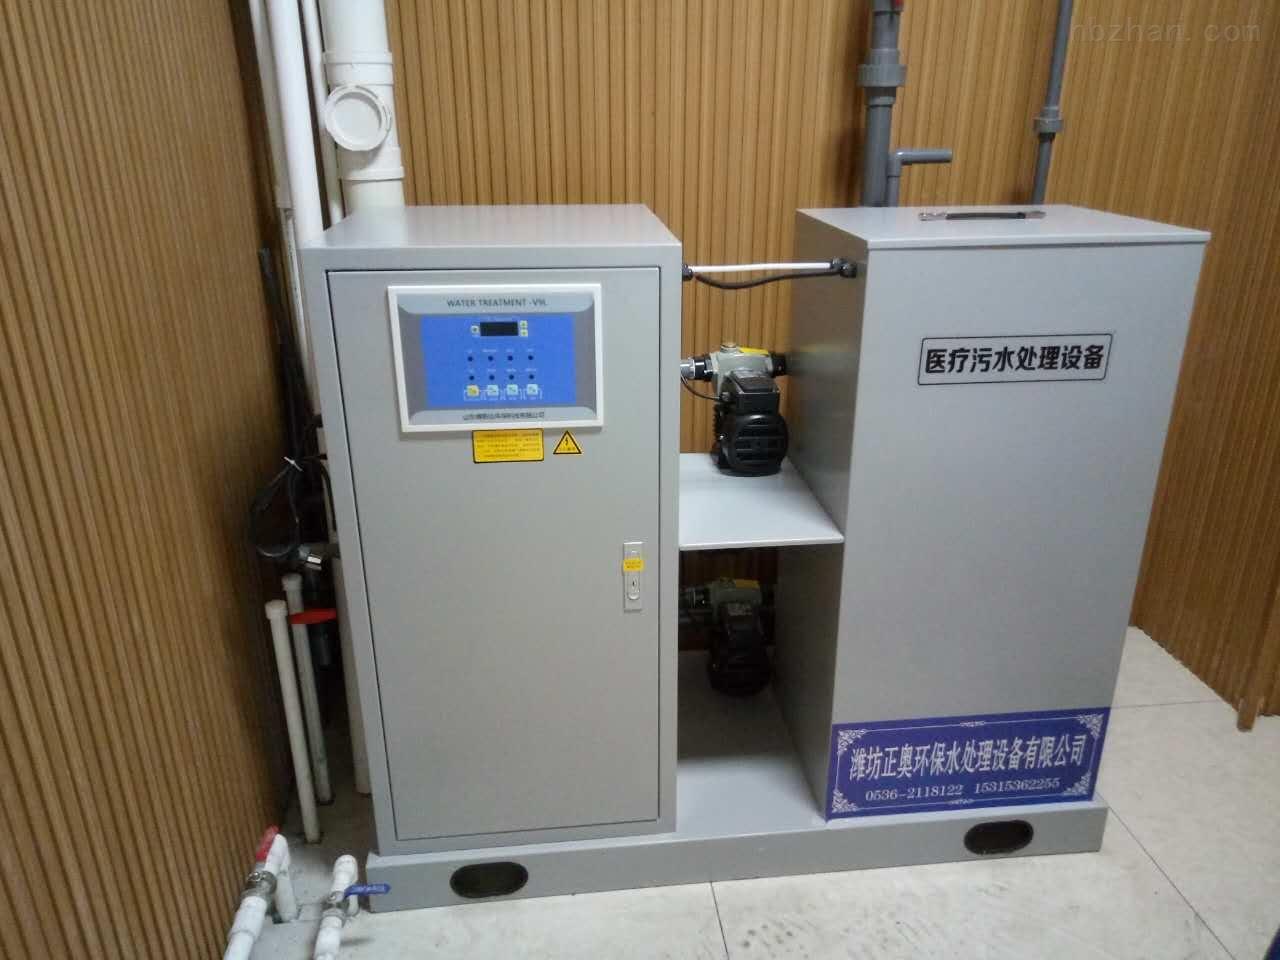 【】乌兰察布化验室污水处理设备联保